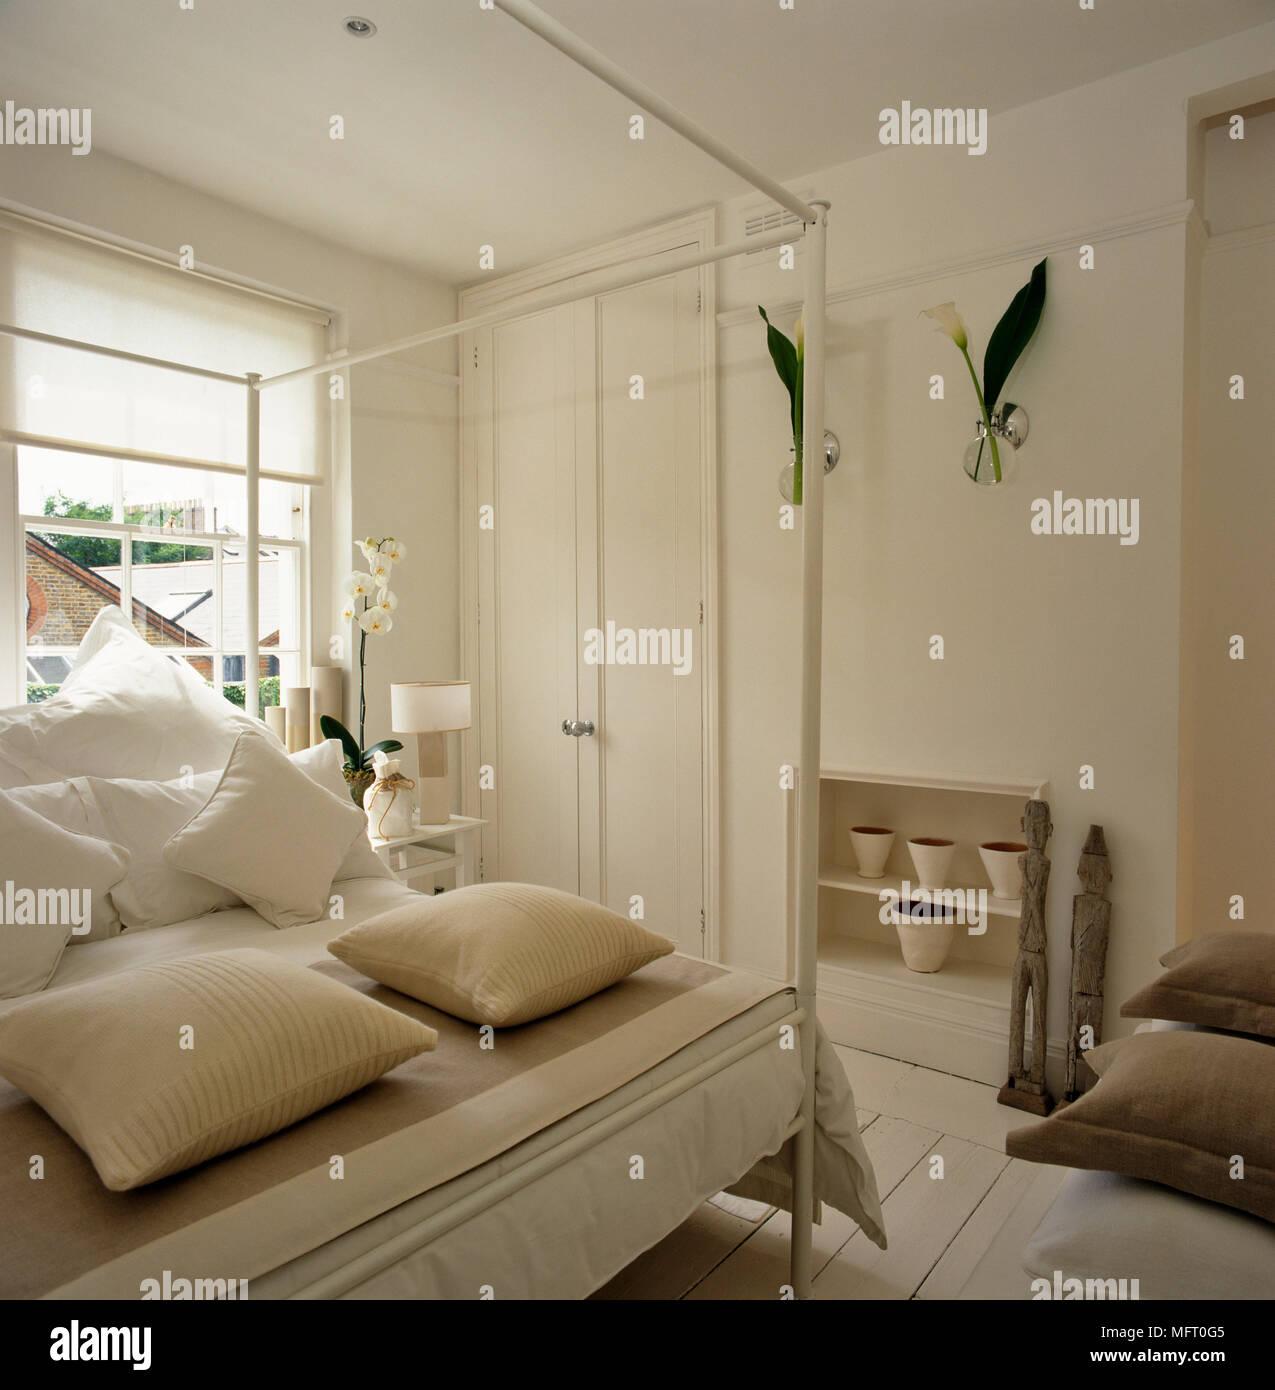 Weiß Schlafzimmer mit Himmelbett und Kissen auf lackierten Dielen ...